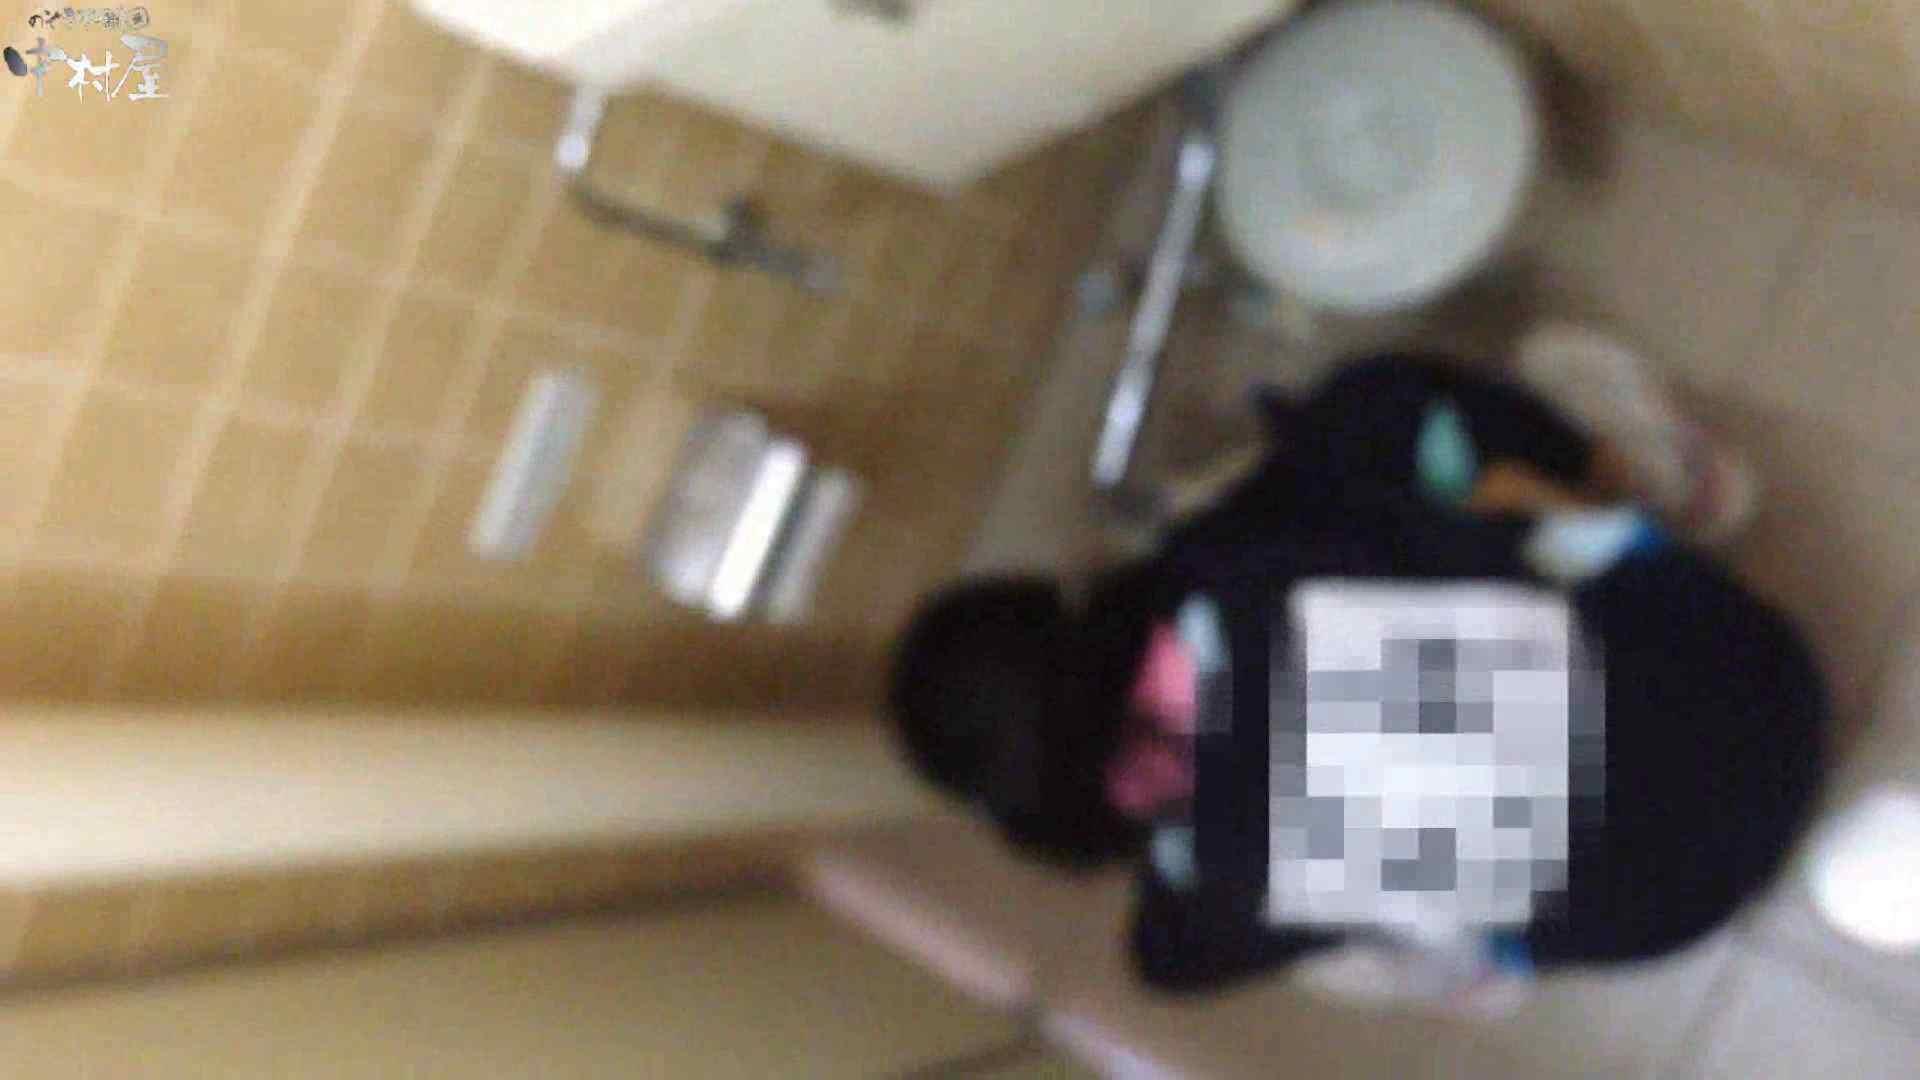 部活女子トイレ潜入編vol.3 潜入 AV無料 112PIX 23